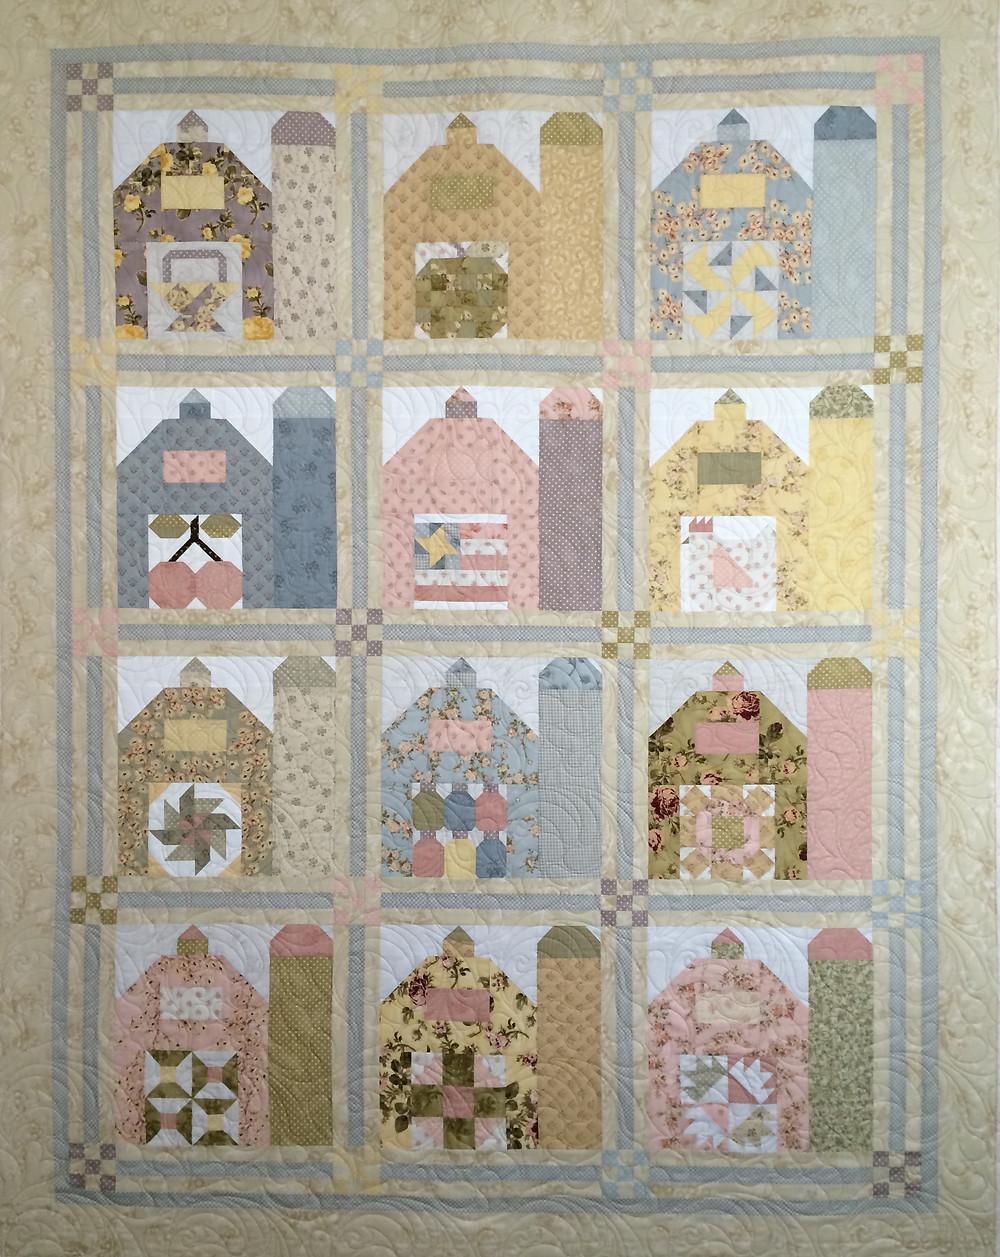 barn quilt with unique barn door blocks